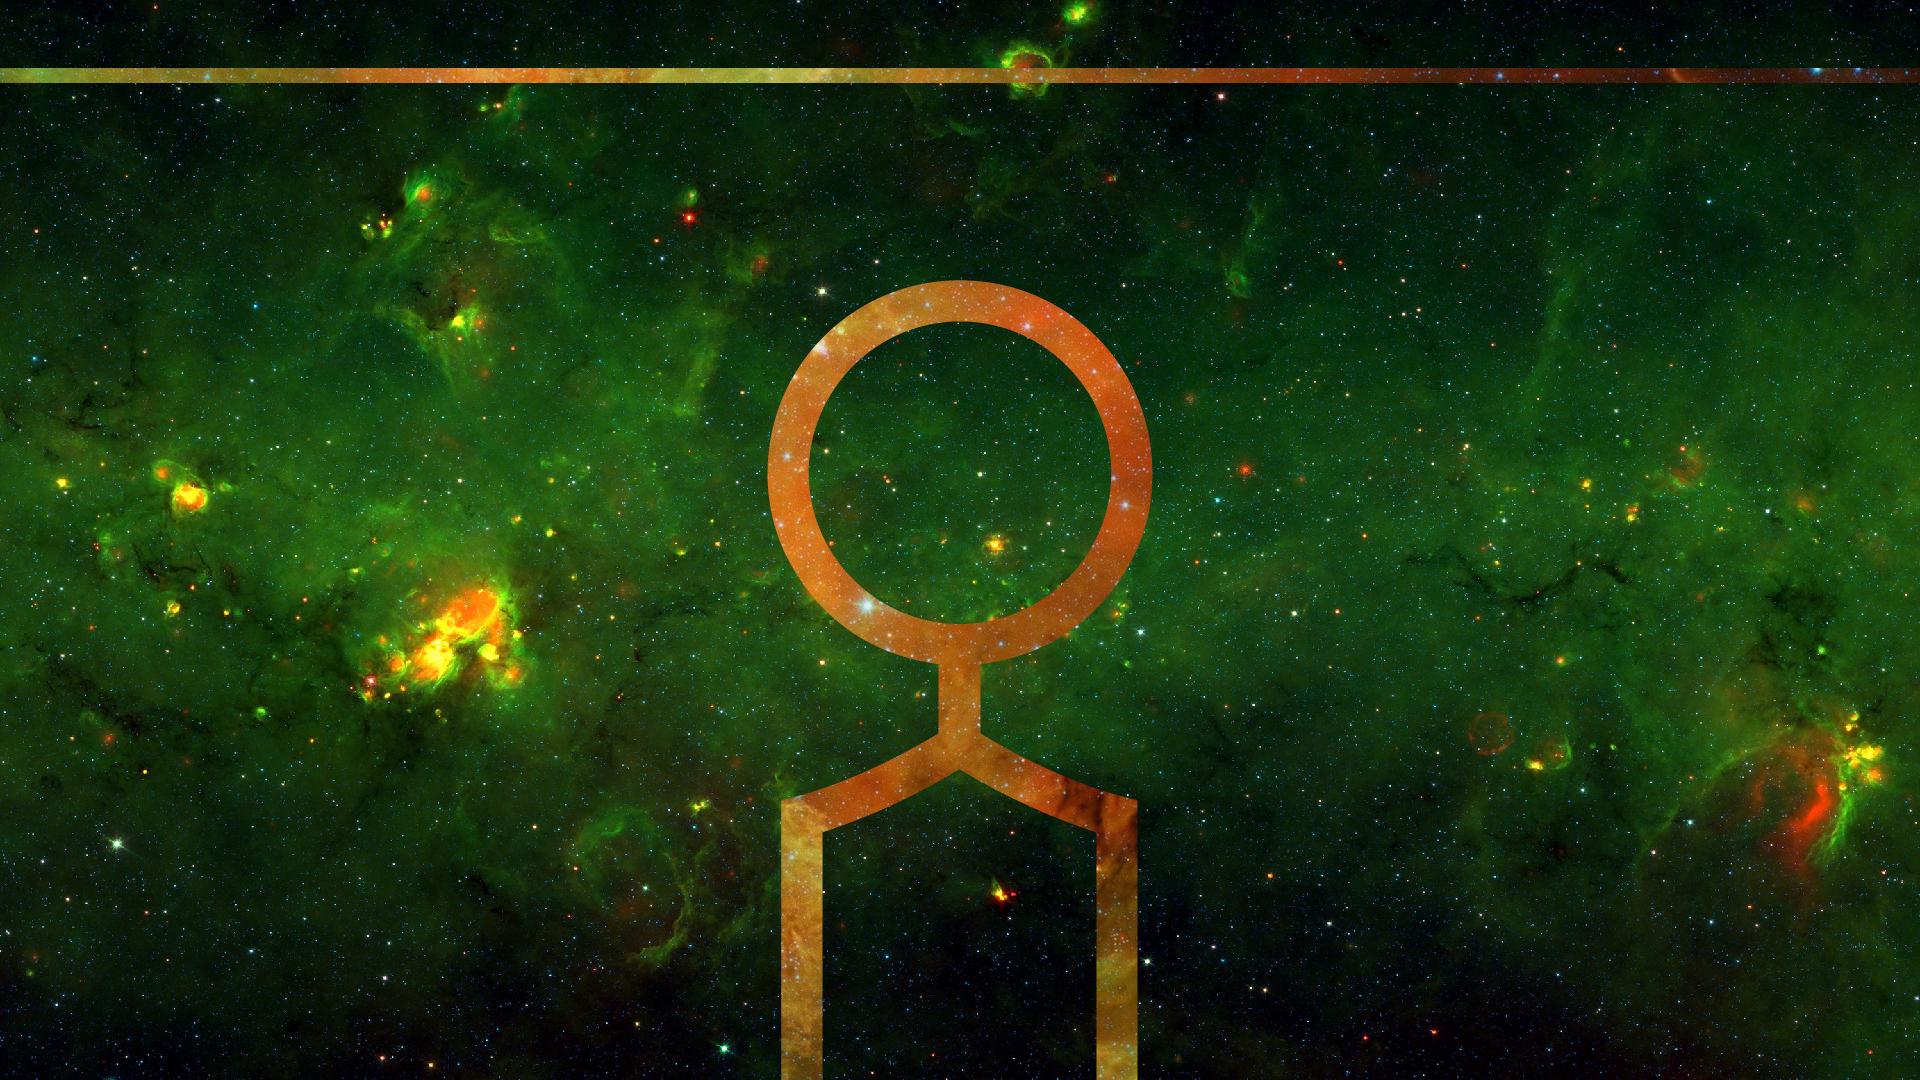 Nebula - Promised Land